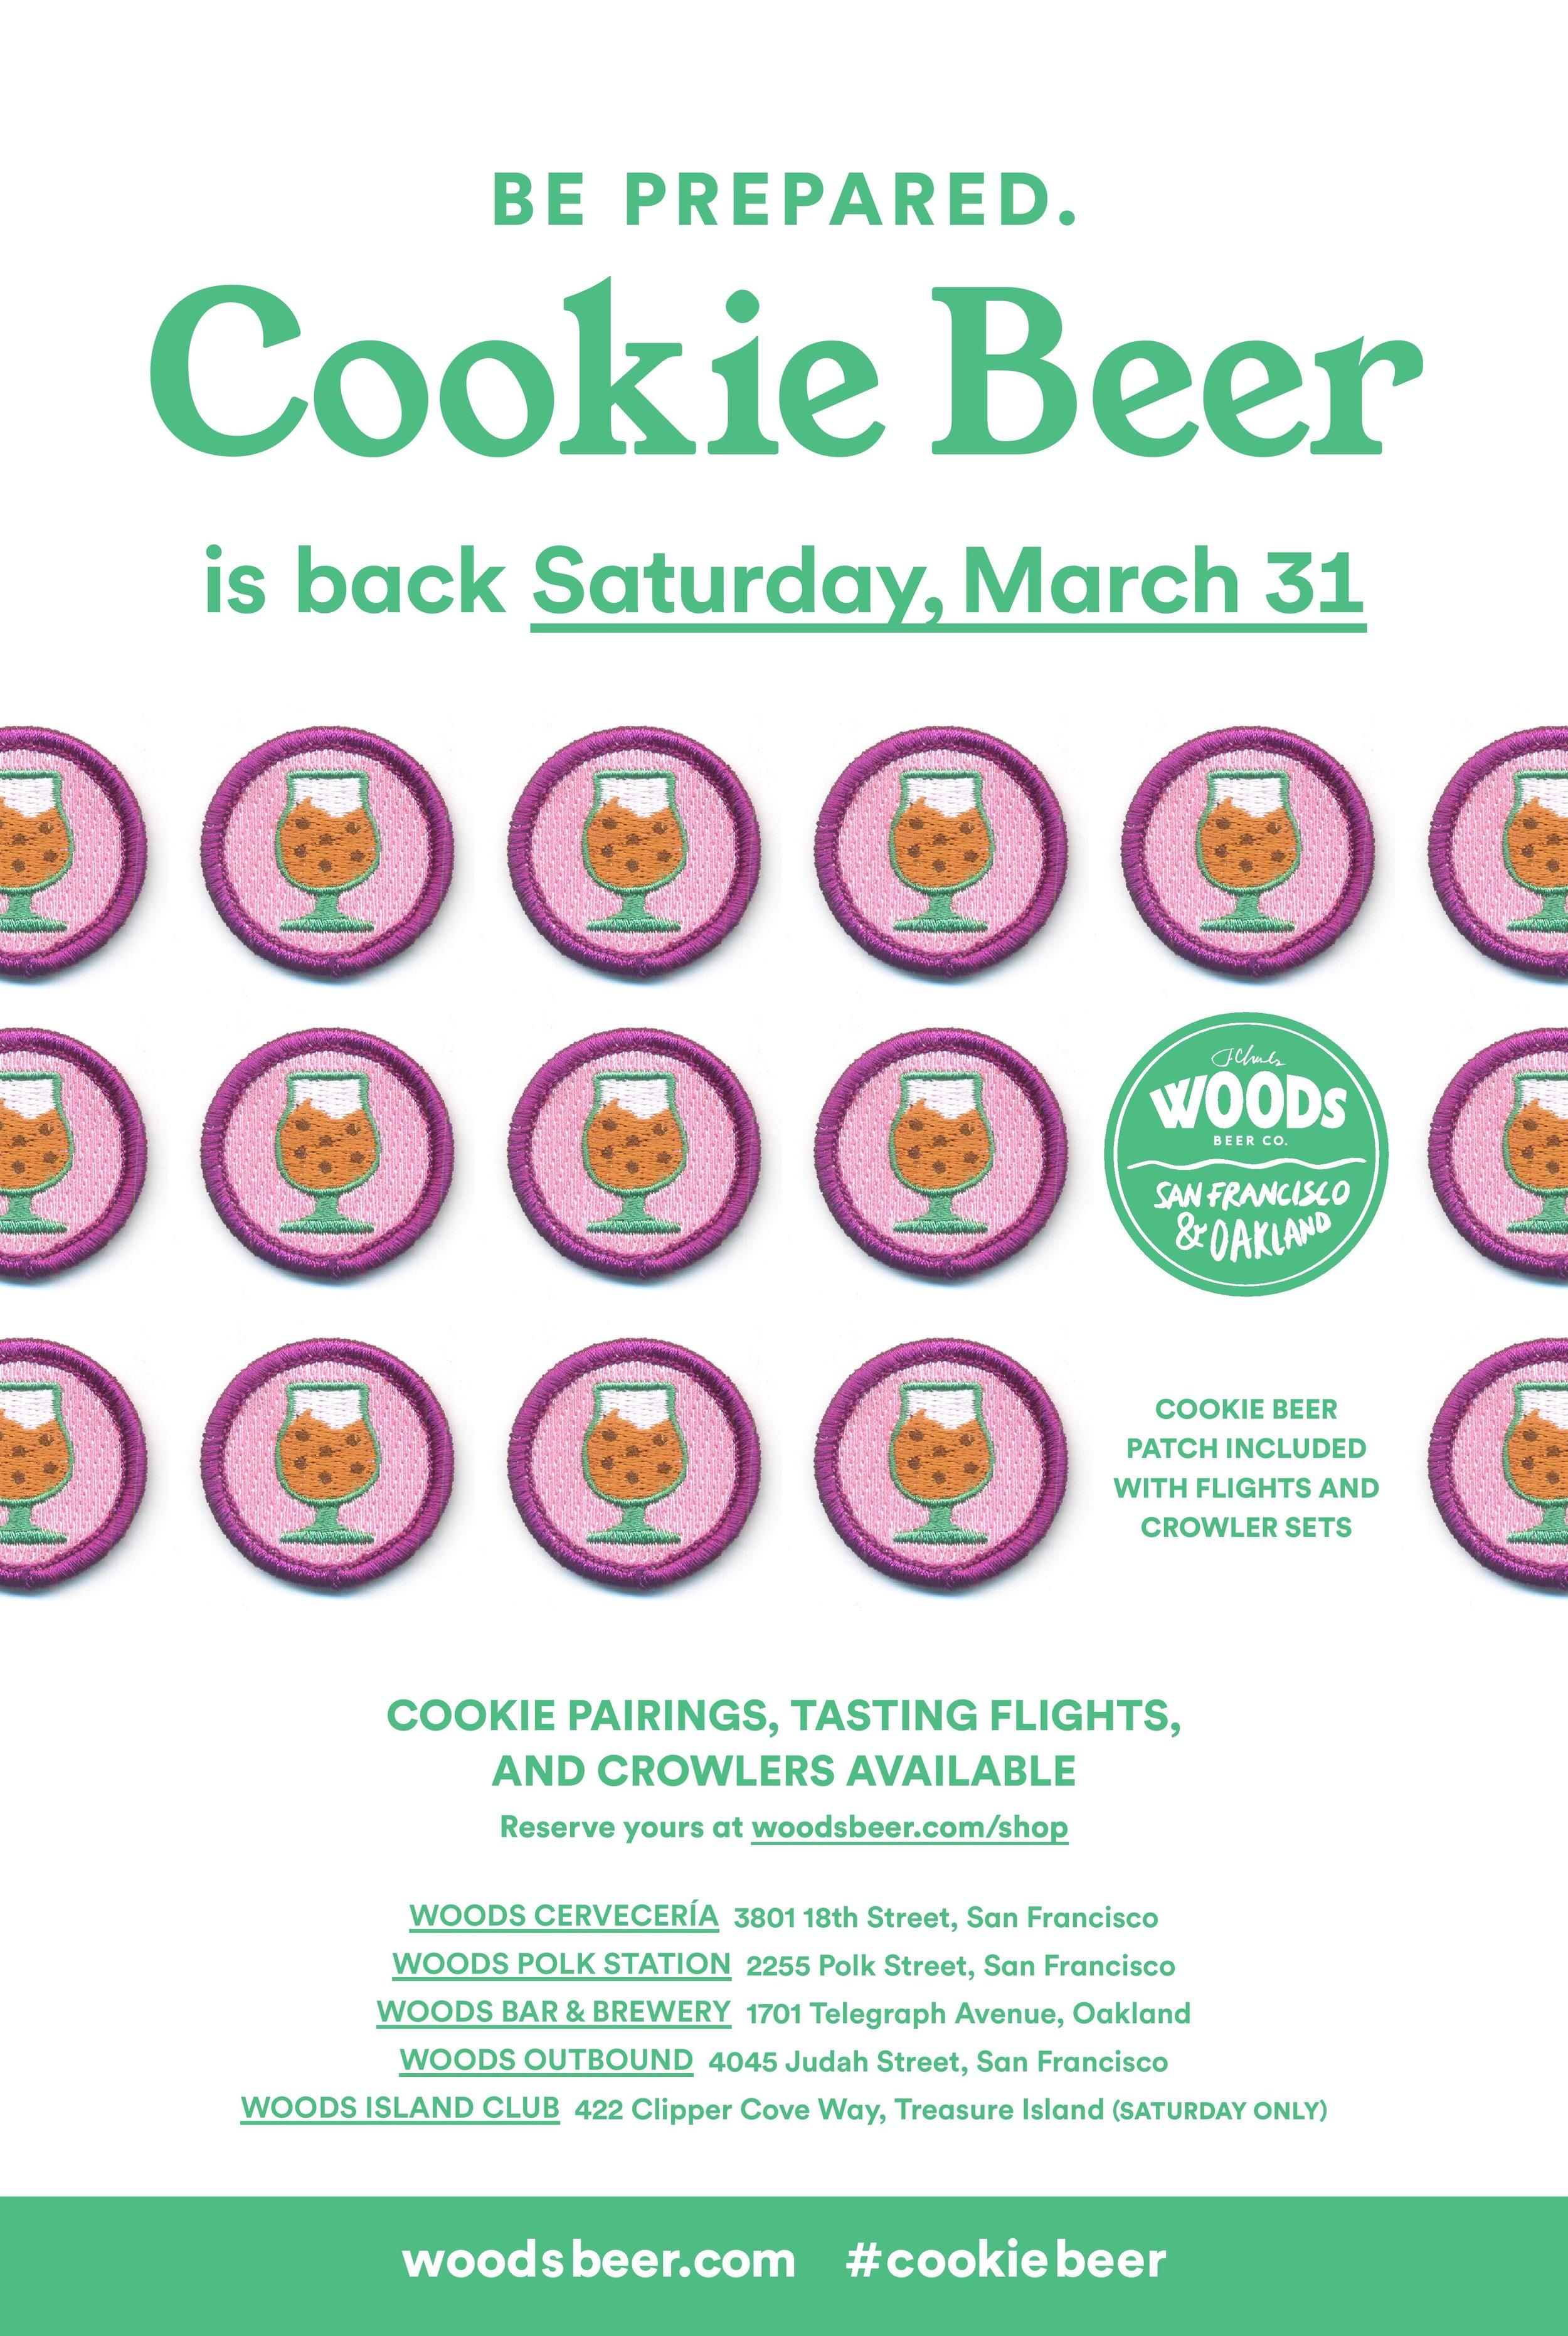 CookieBeer_Poster_2018-page-001.jpg